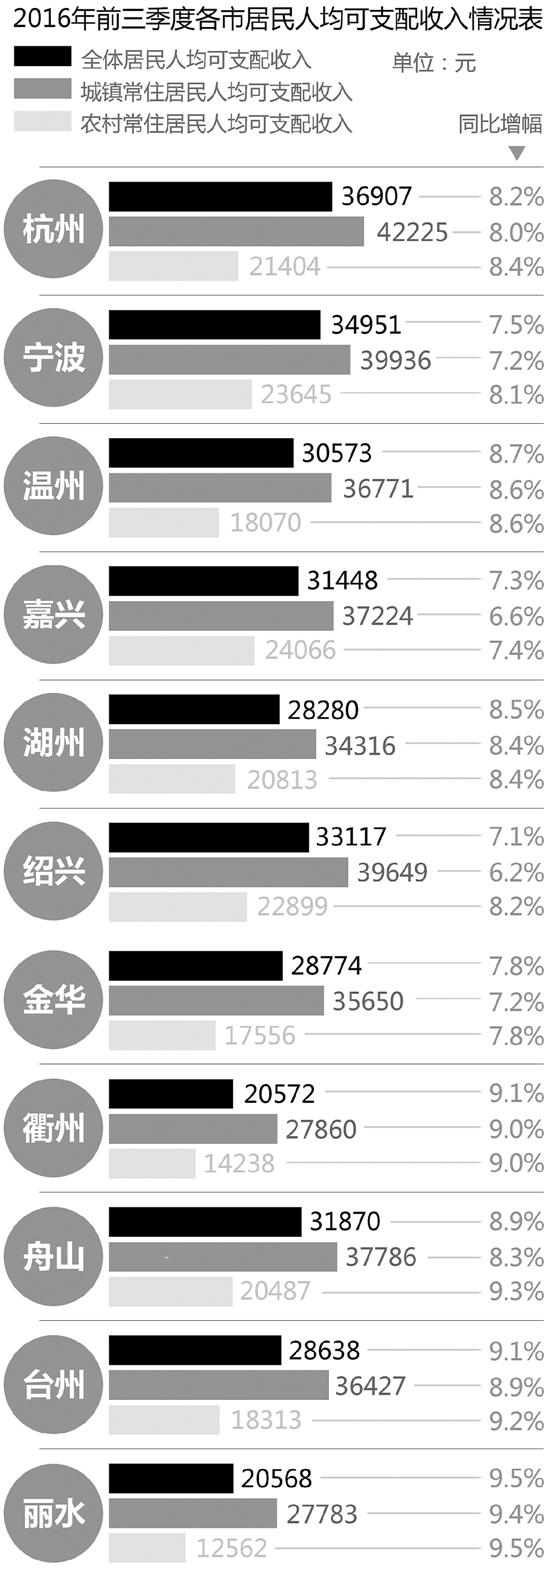 2017年浙江发展报告发布